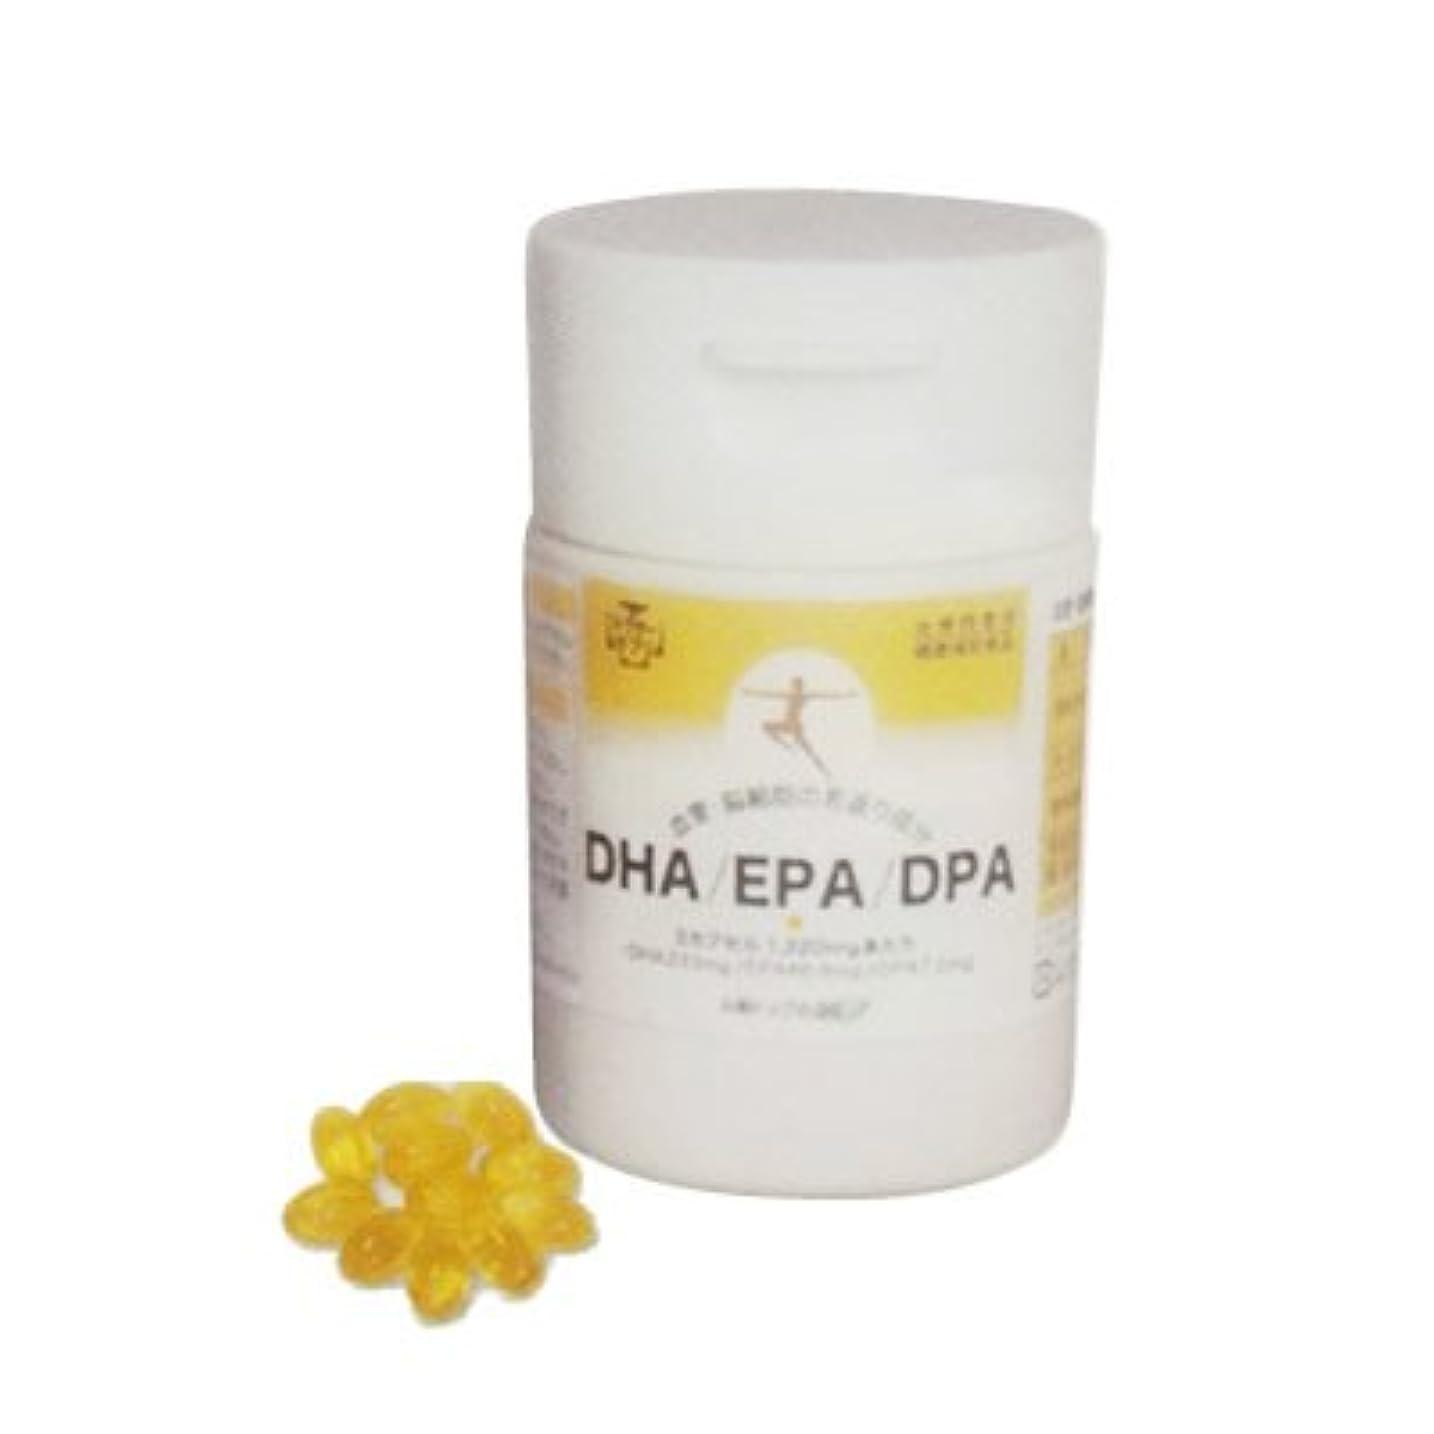 マットプット感嘆DHA/EPA/DPA 400mg×90カプセル(ドクターサプリ/健康補助食品シリーズ)